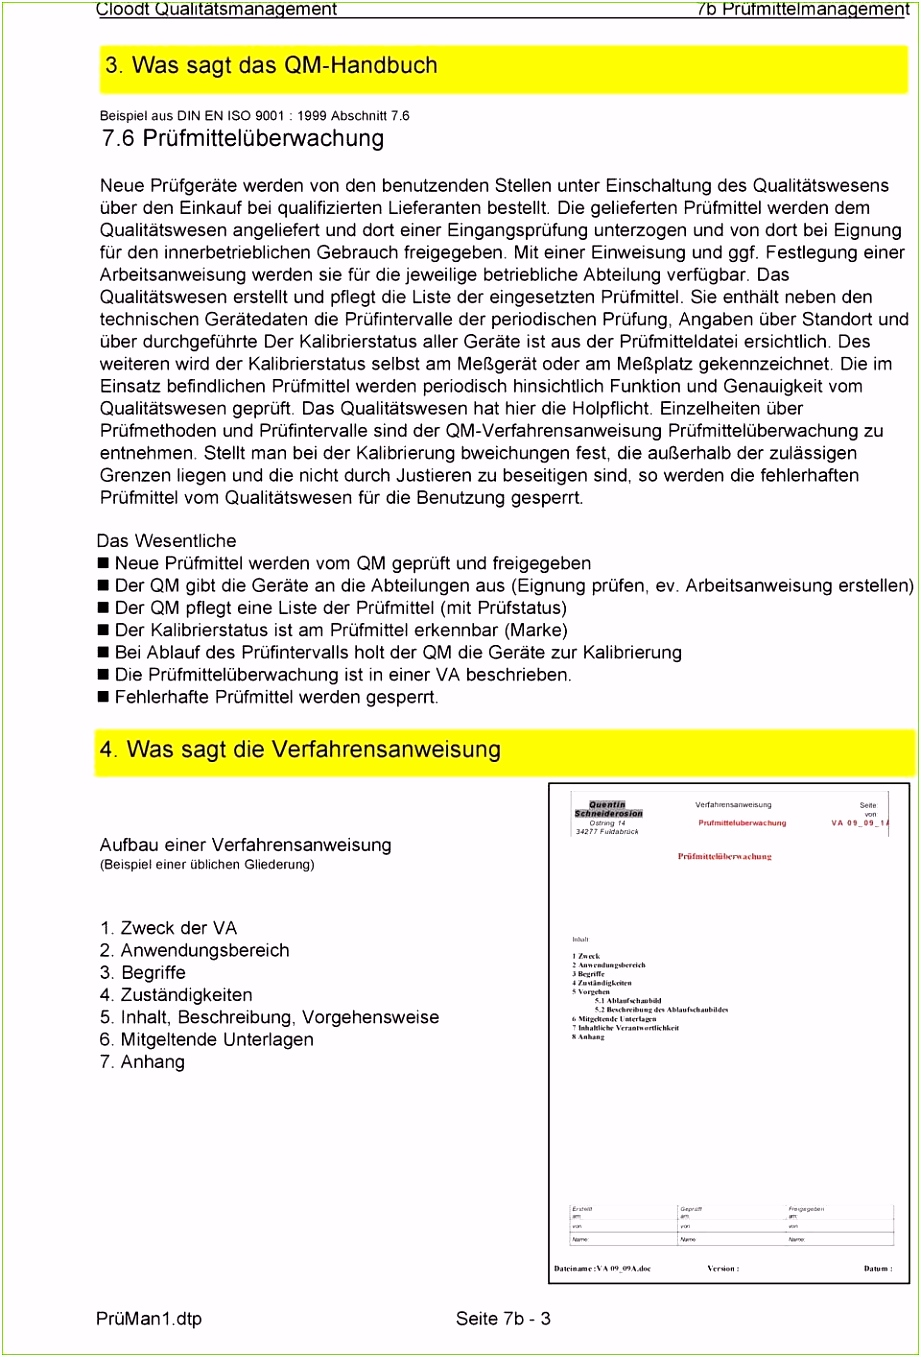 Qualitatsmanagement Vorlagen 15 Muster Für Standardarbeitsanweisungen N2rc23tsm3 Hhec24ade6